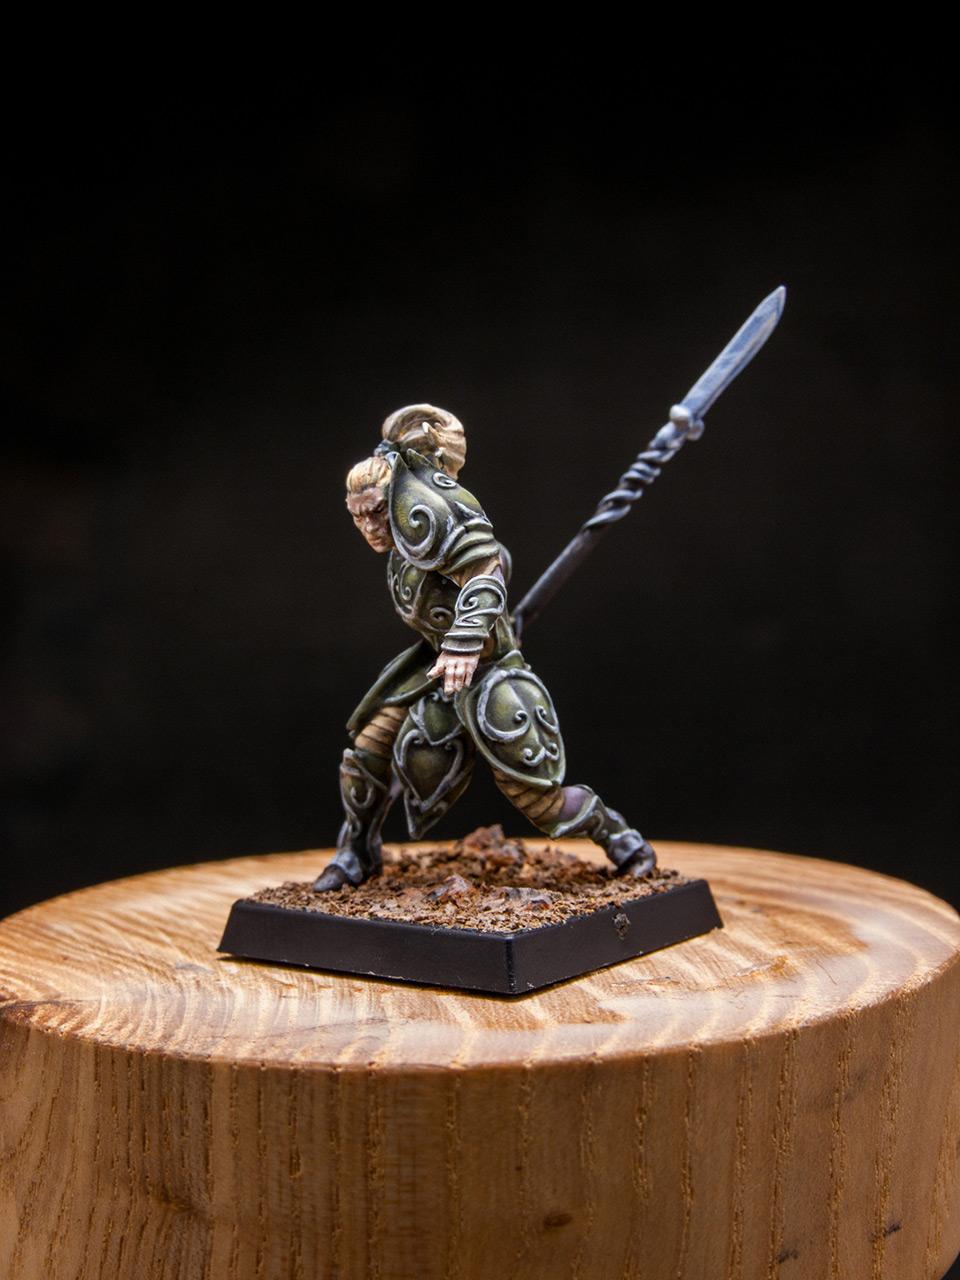 Разное: Эльфы Серебряной гвардии, фото #2